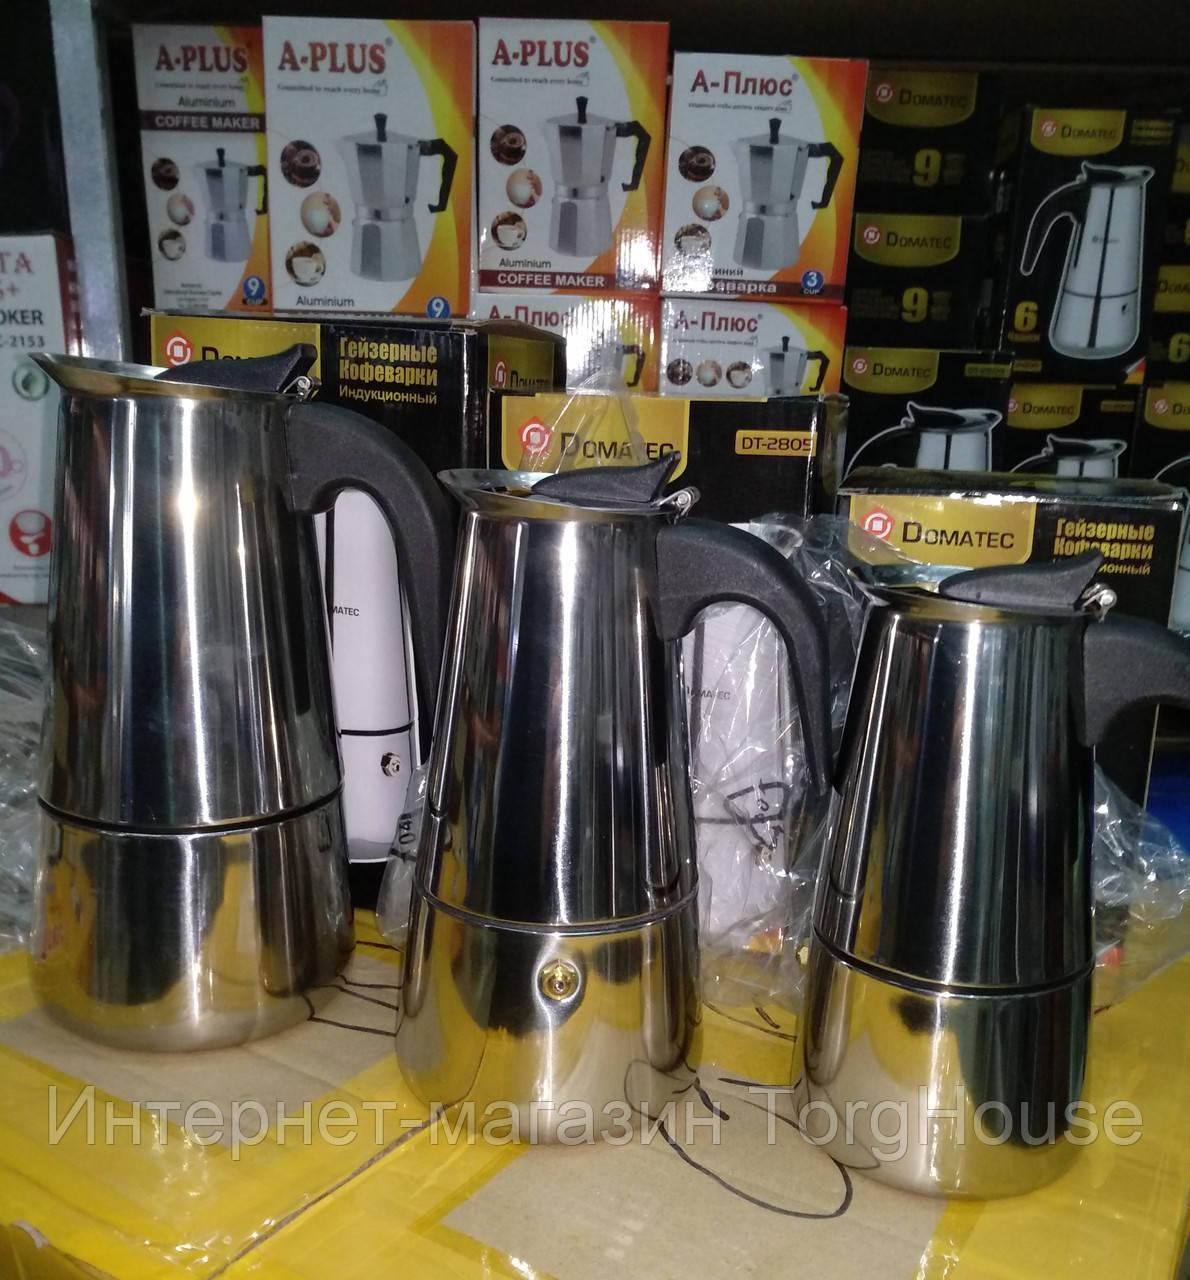 Гейзерная кофеварка Domotec DT-2804 (на 4 чашки)